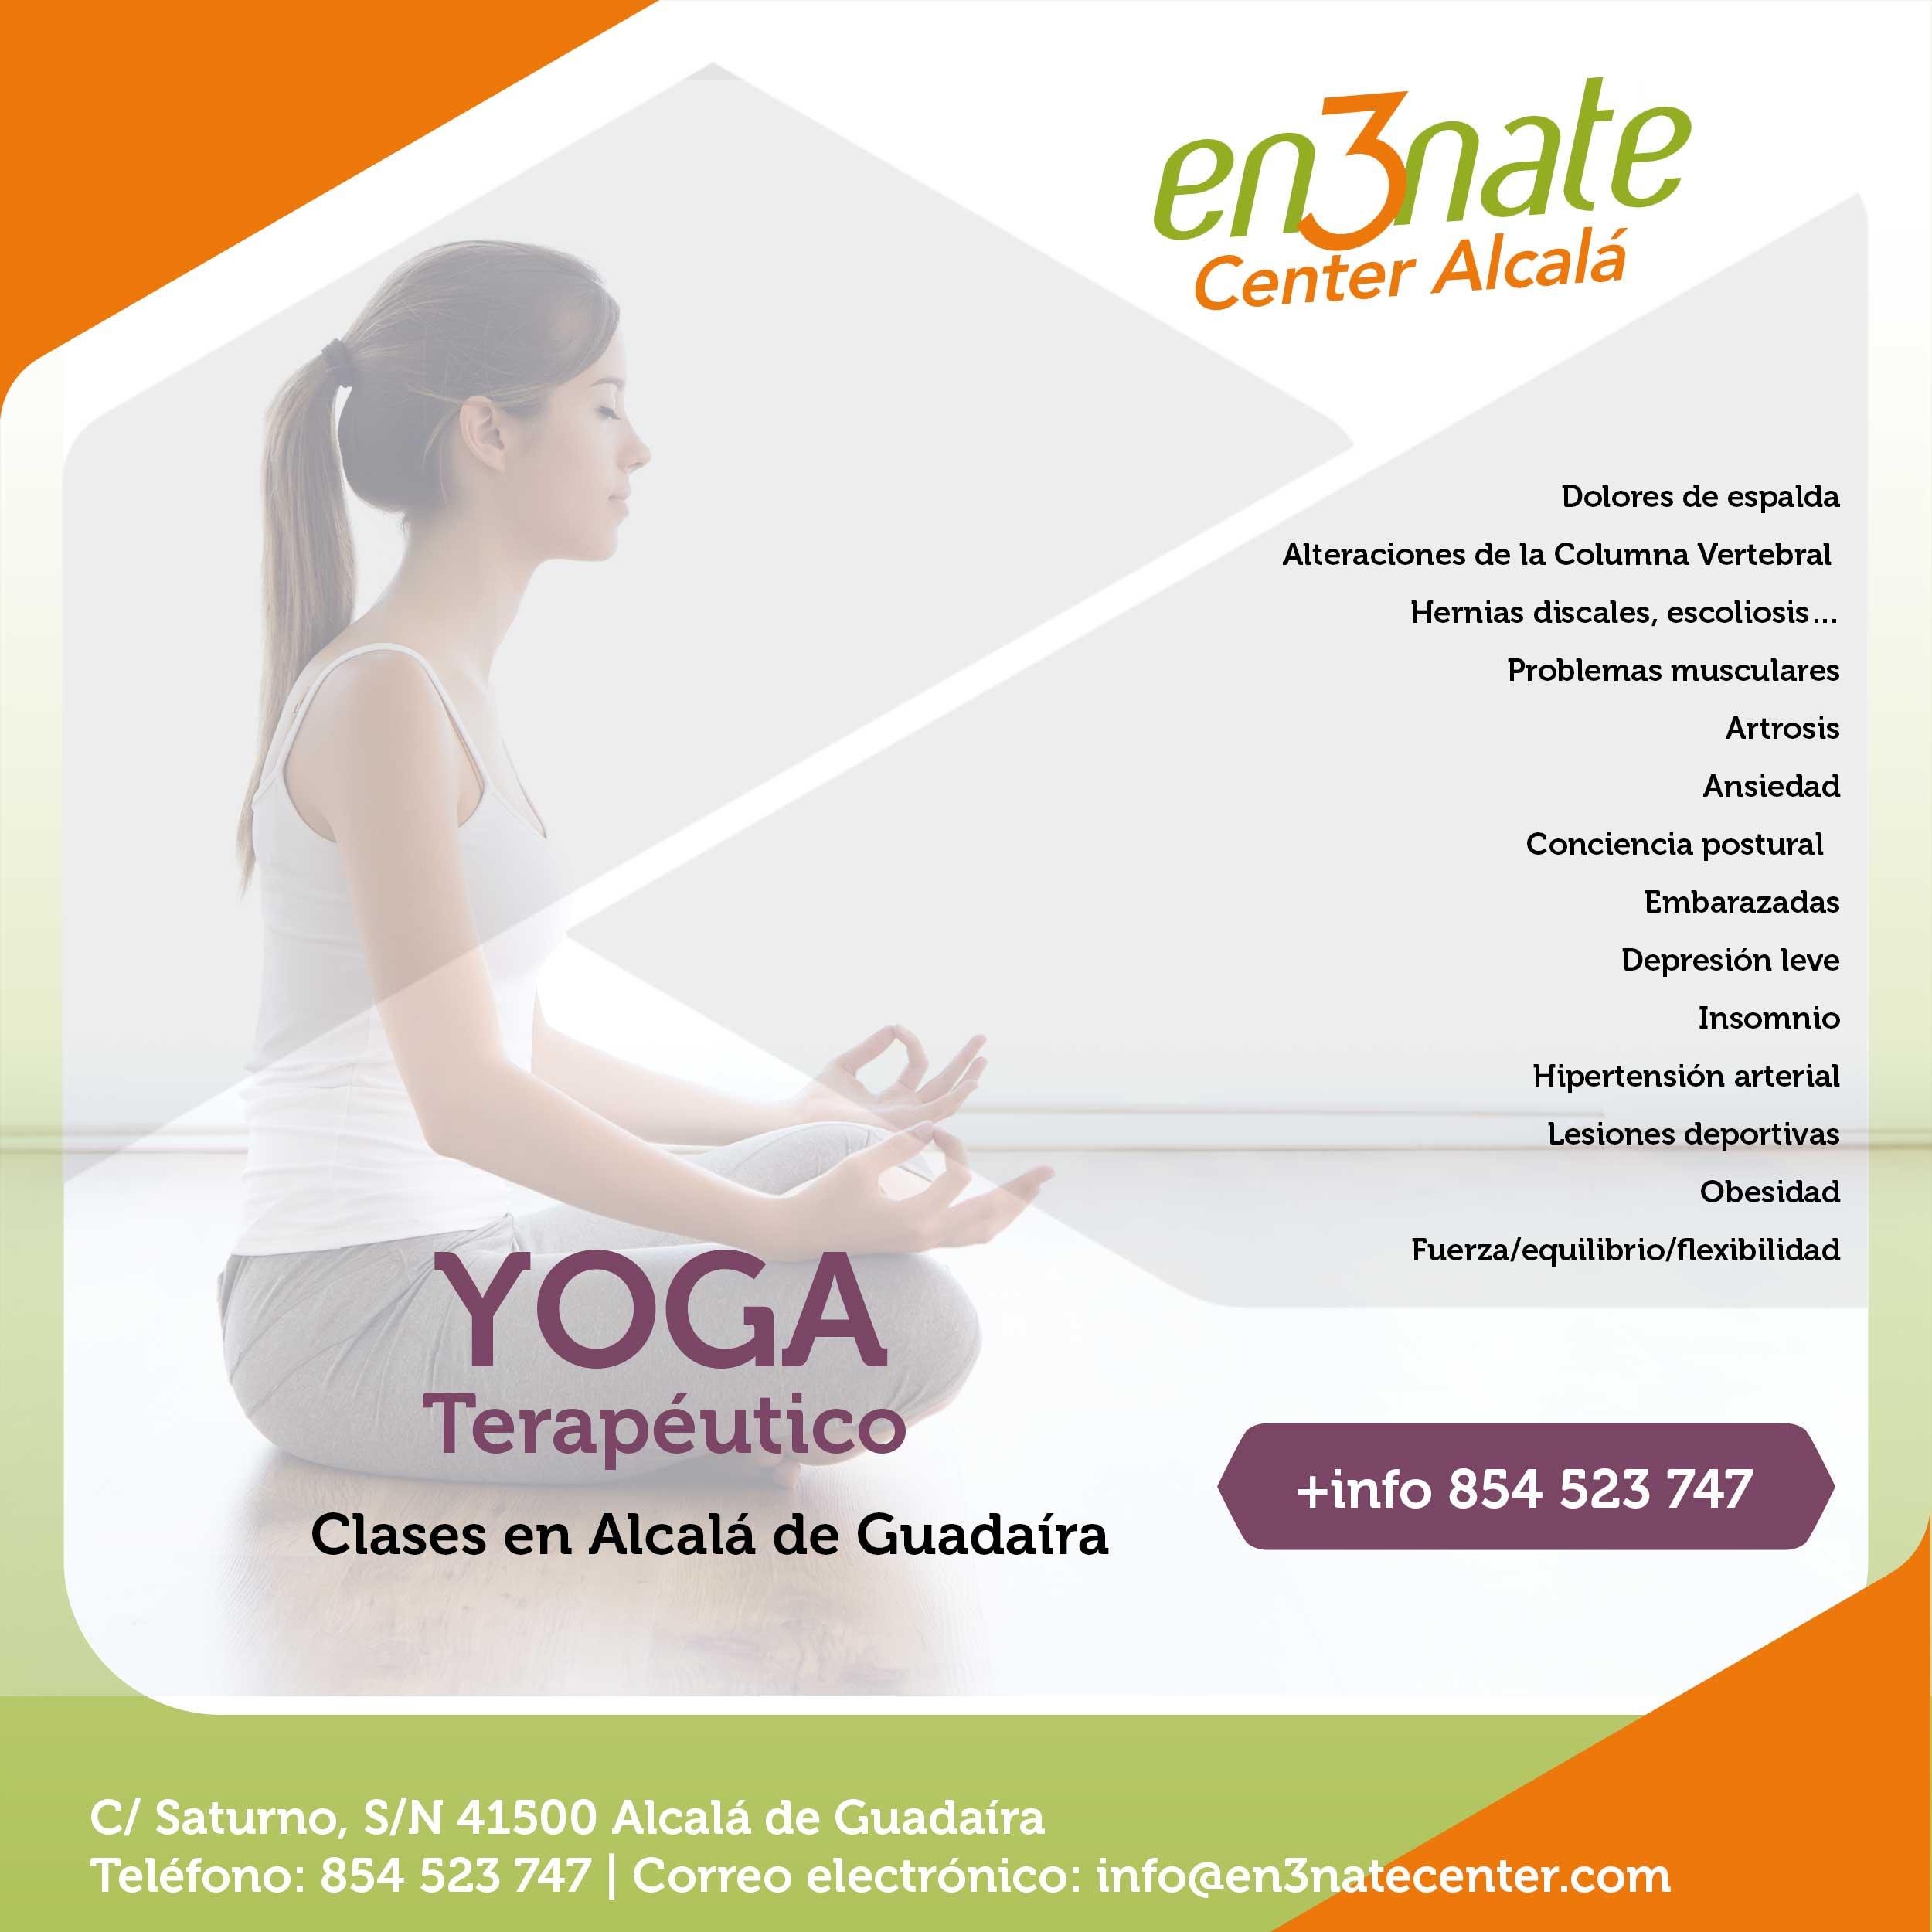 Clases de Yoga Terapéutico en Alcalá de Guadaíra